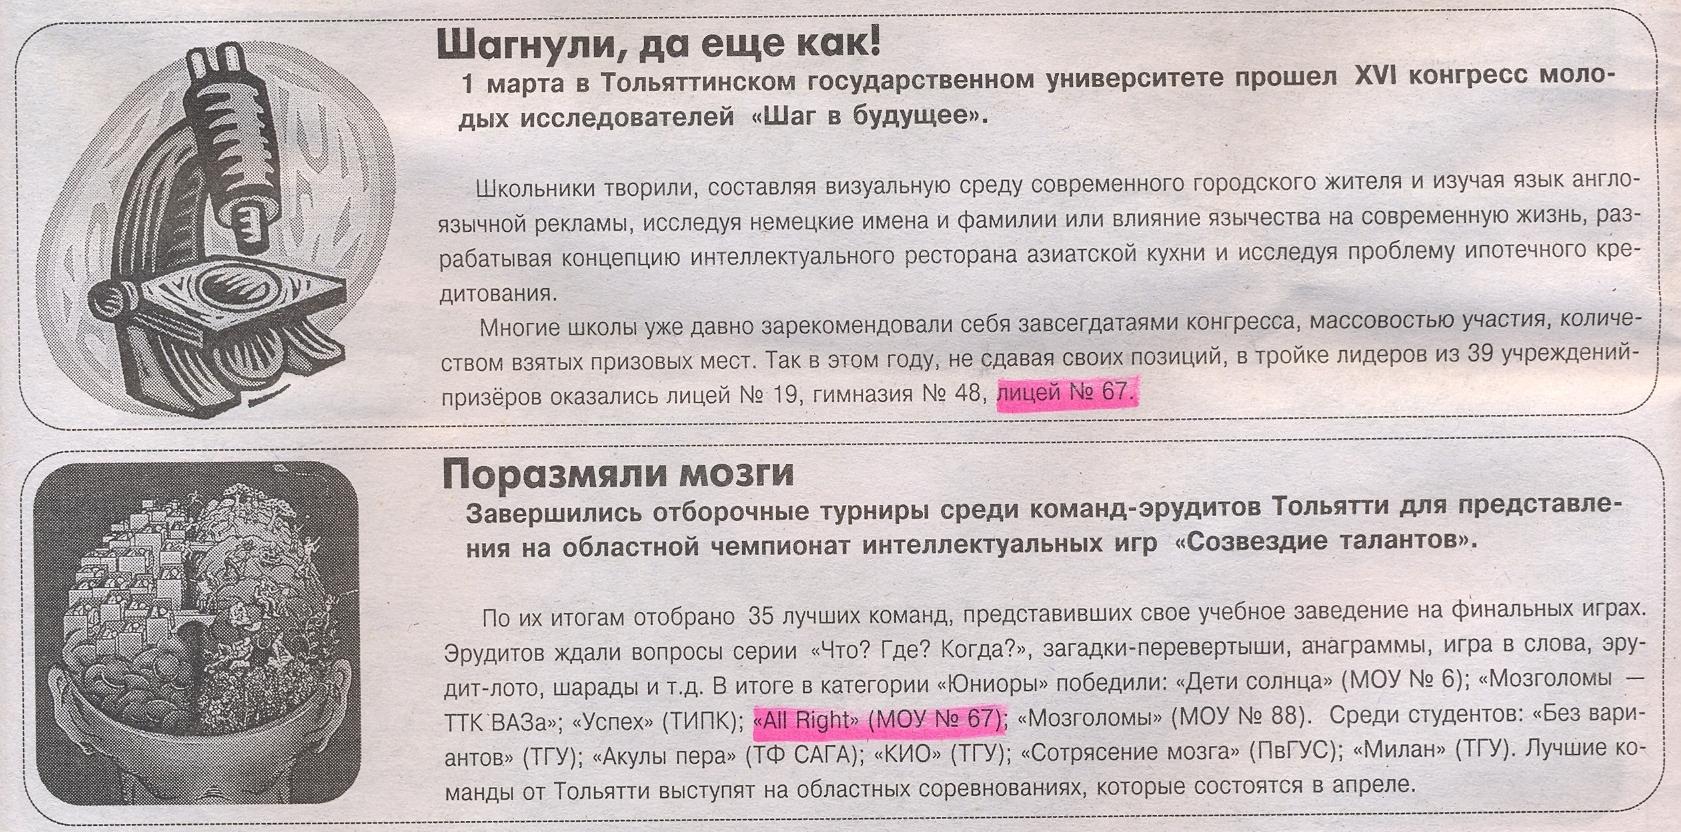 19 лицей тольятти электронный журнал асу рсо